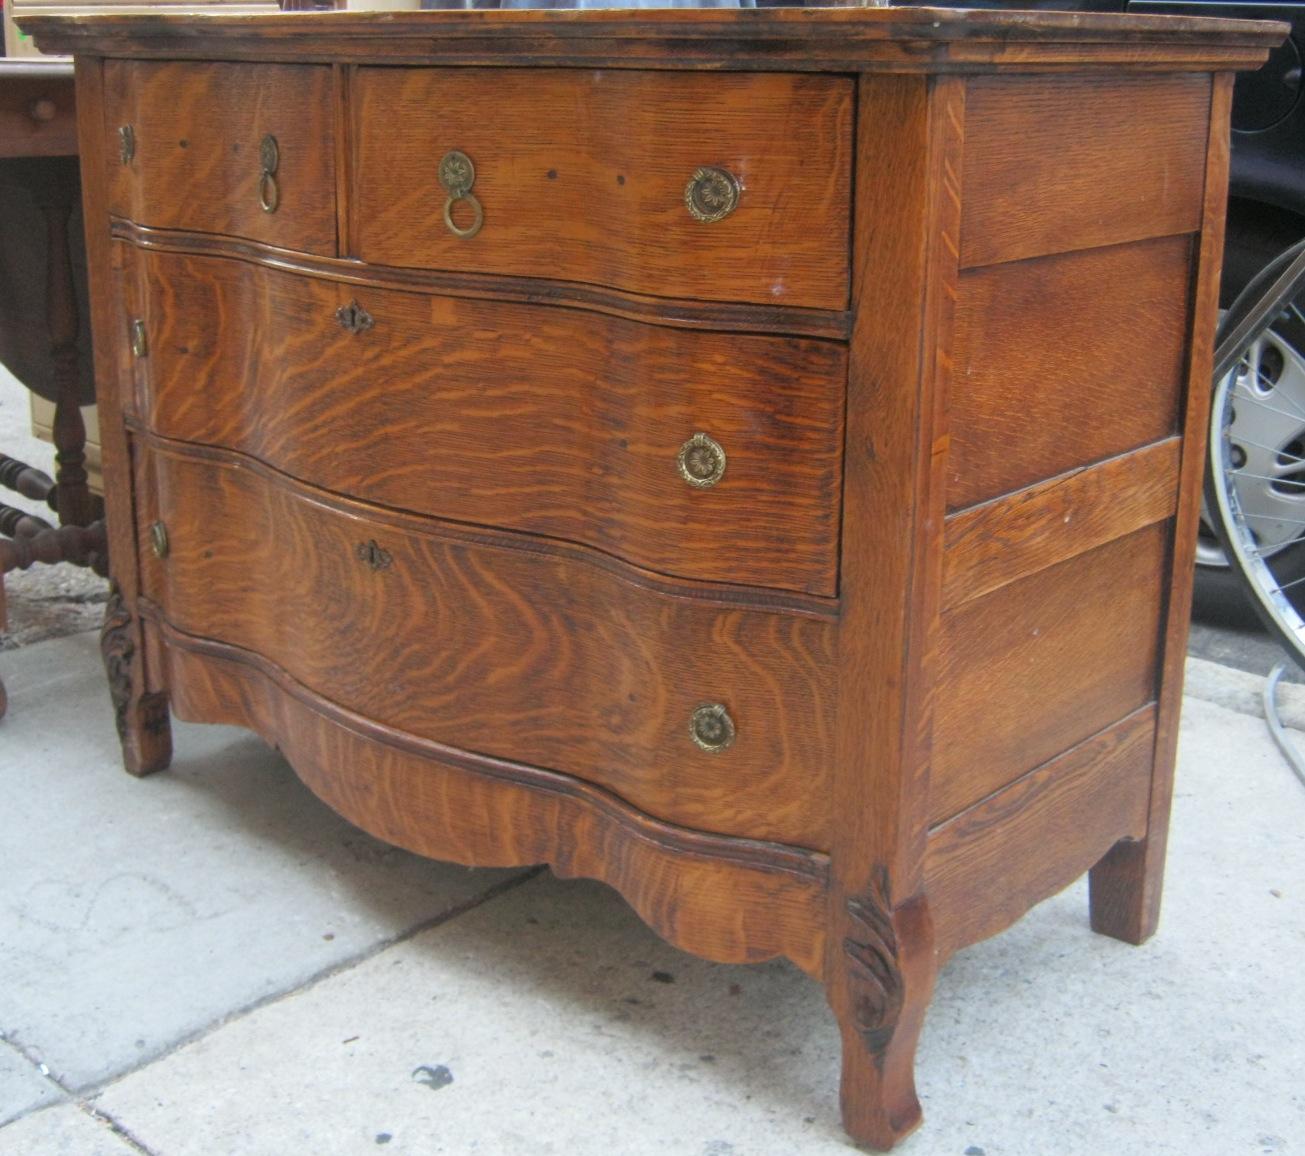 Tiger Oak 1920s Dresser SOLD - Uhuru Furniture & Collectibles: Tiger Oak 1920s Dresser SOLD